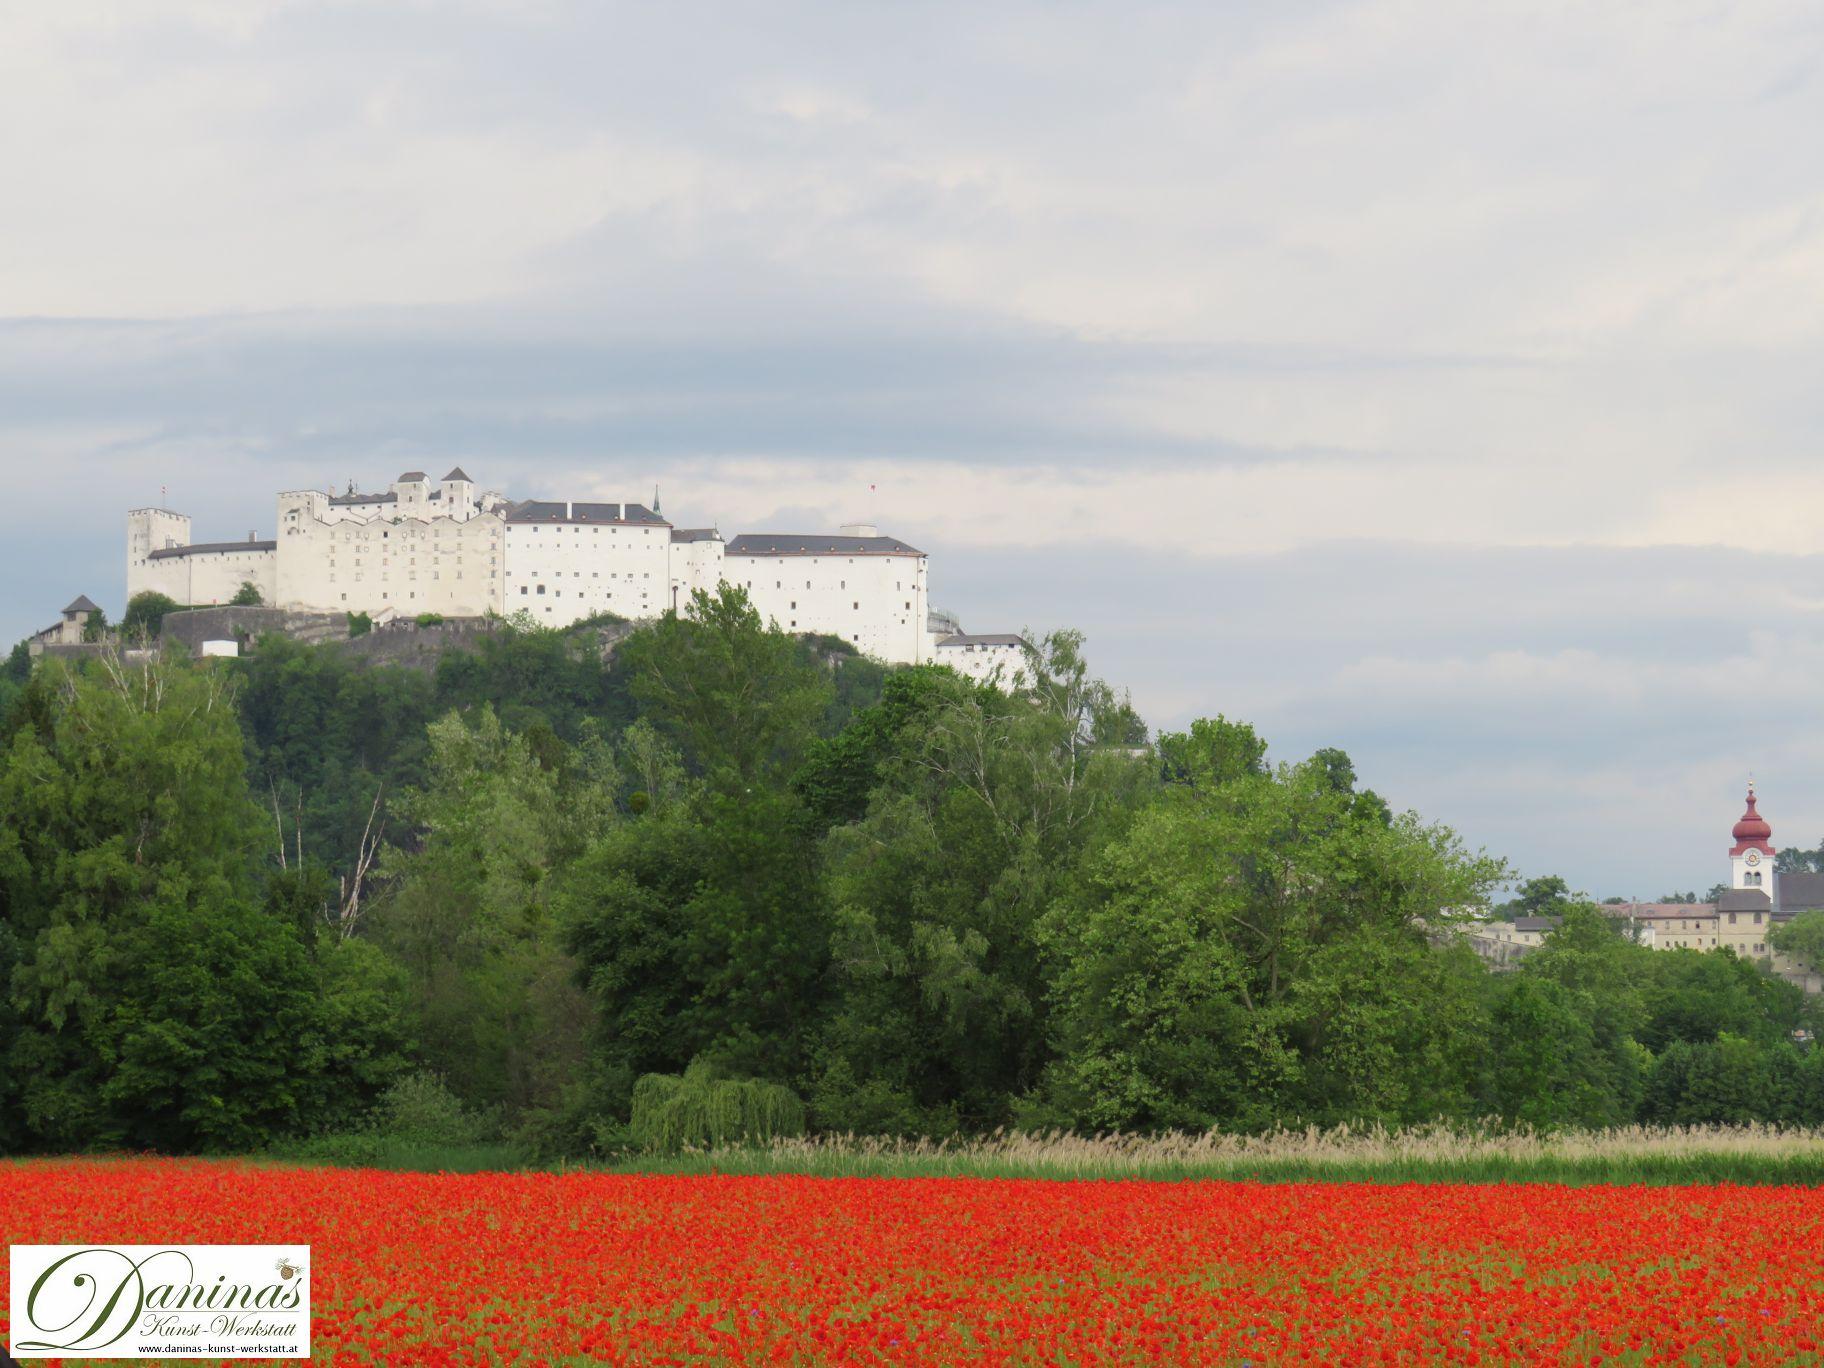 Salzburg Sehenswürdigkeiten hinter Mohnfeld - Festung Hohensalzburg & Stift Nonnberg